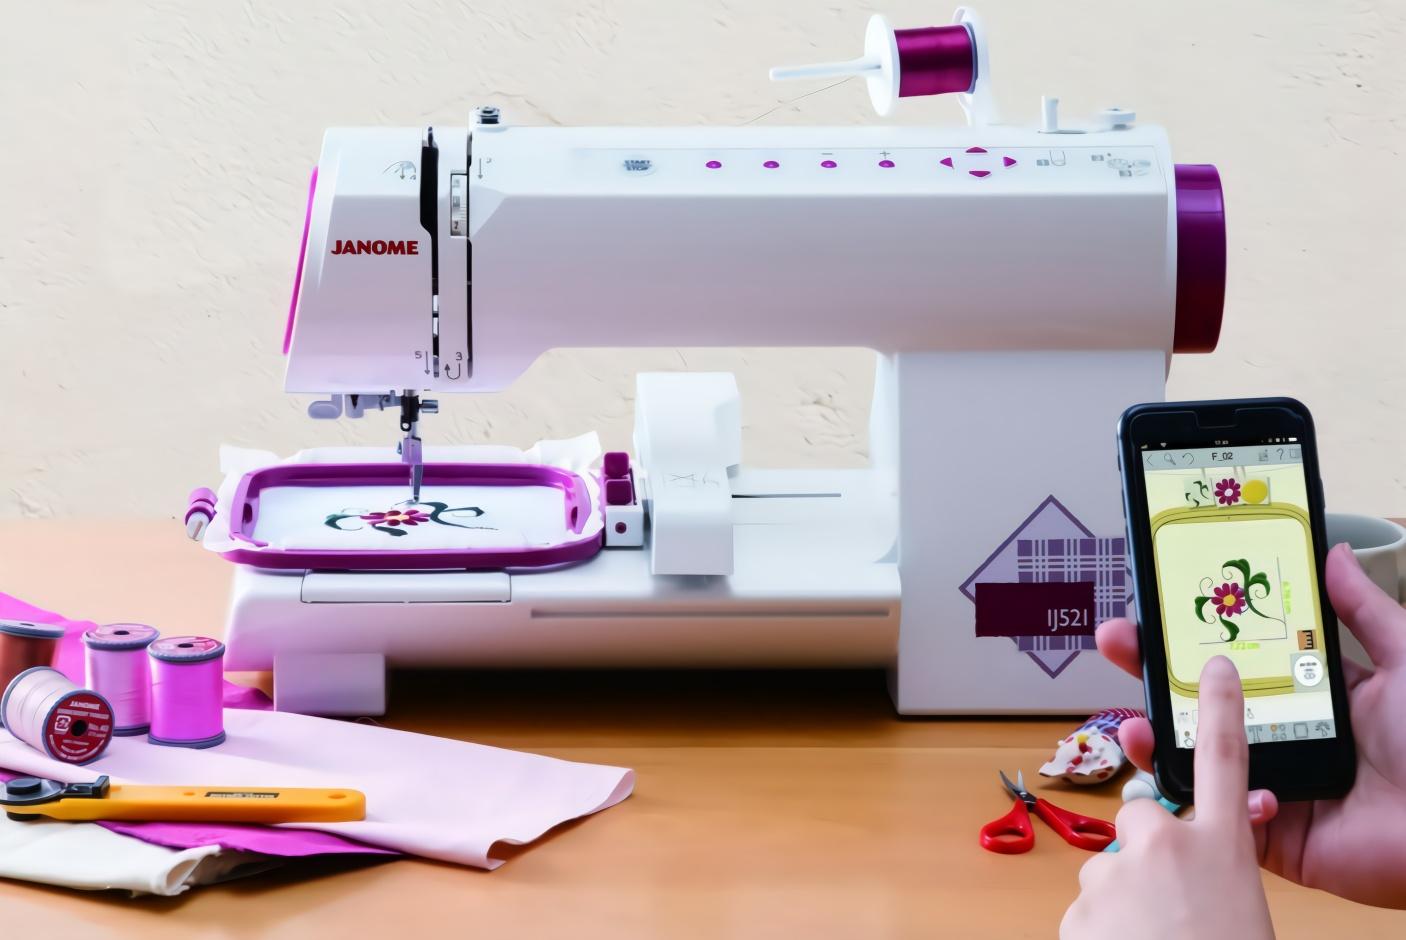 日本发明智能缝纫机,用手机控制,能自动绣出想要的图案